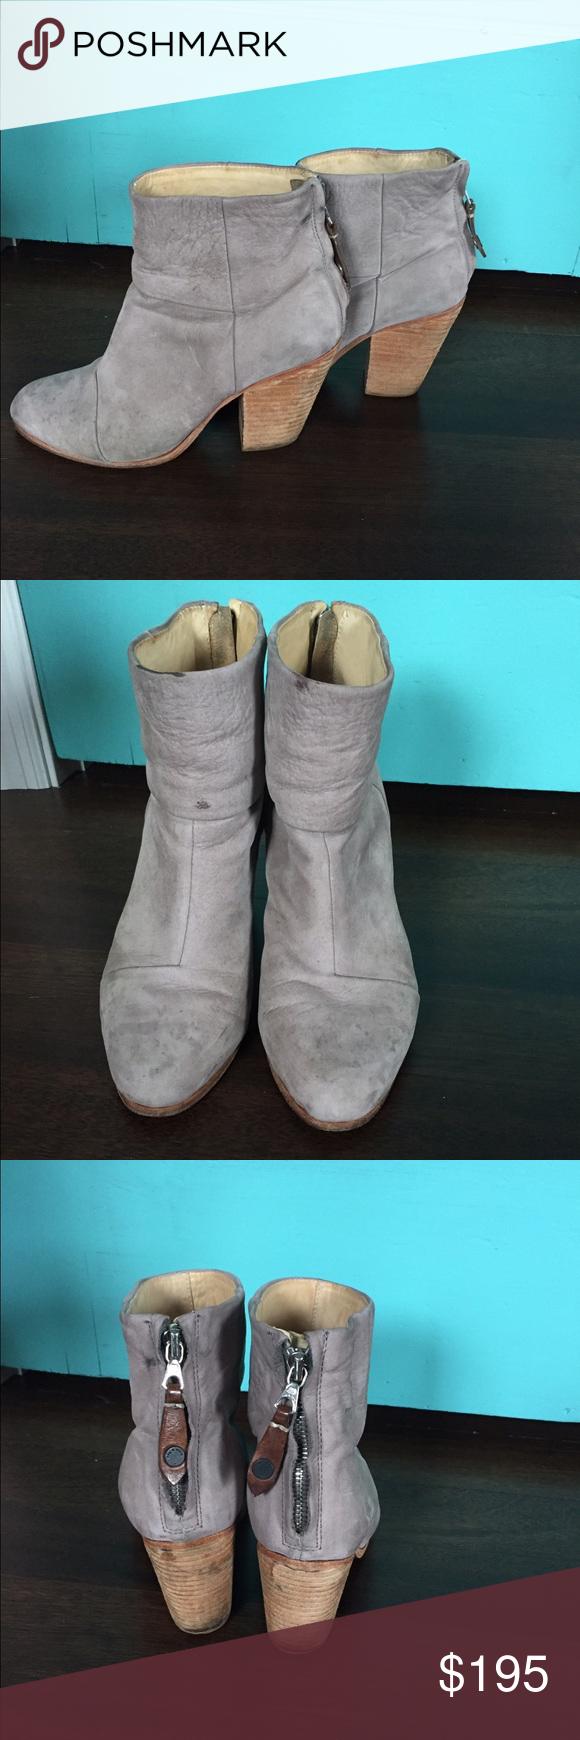 Rag & Bone Newbury ankle booties. GUC rag & bone Newbury bootie in size 7.5. Color gray. rag & bone Shoes